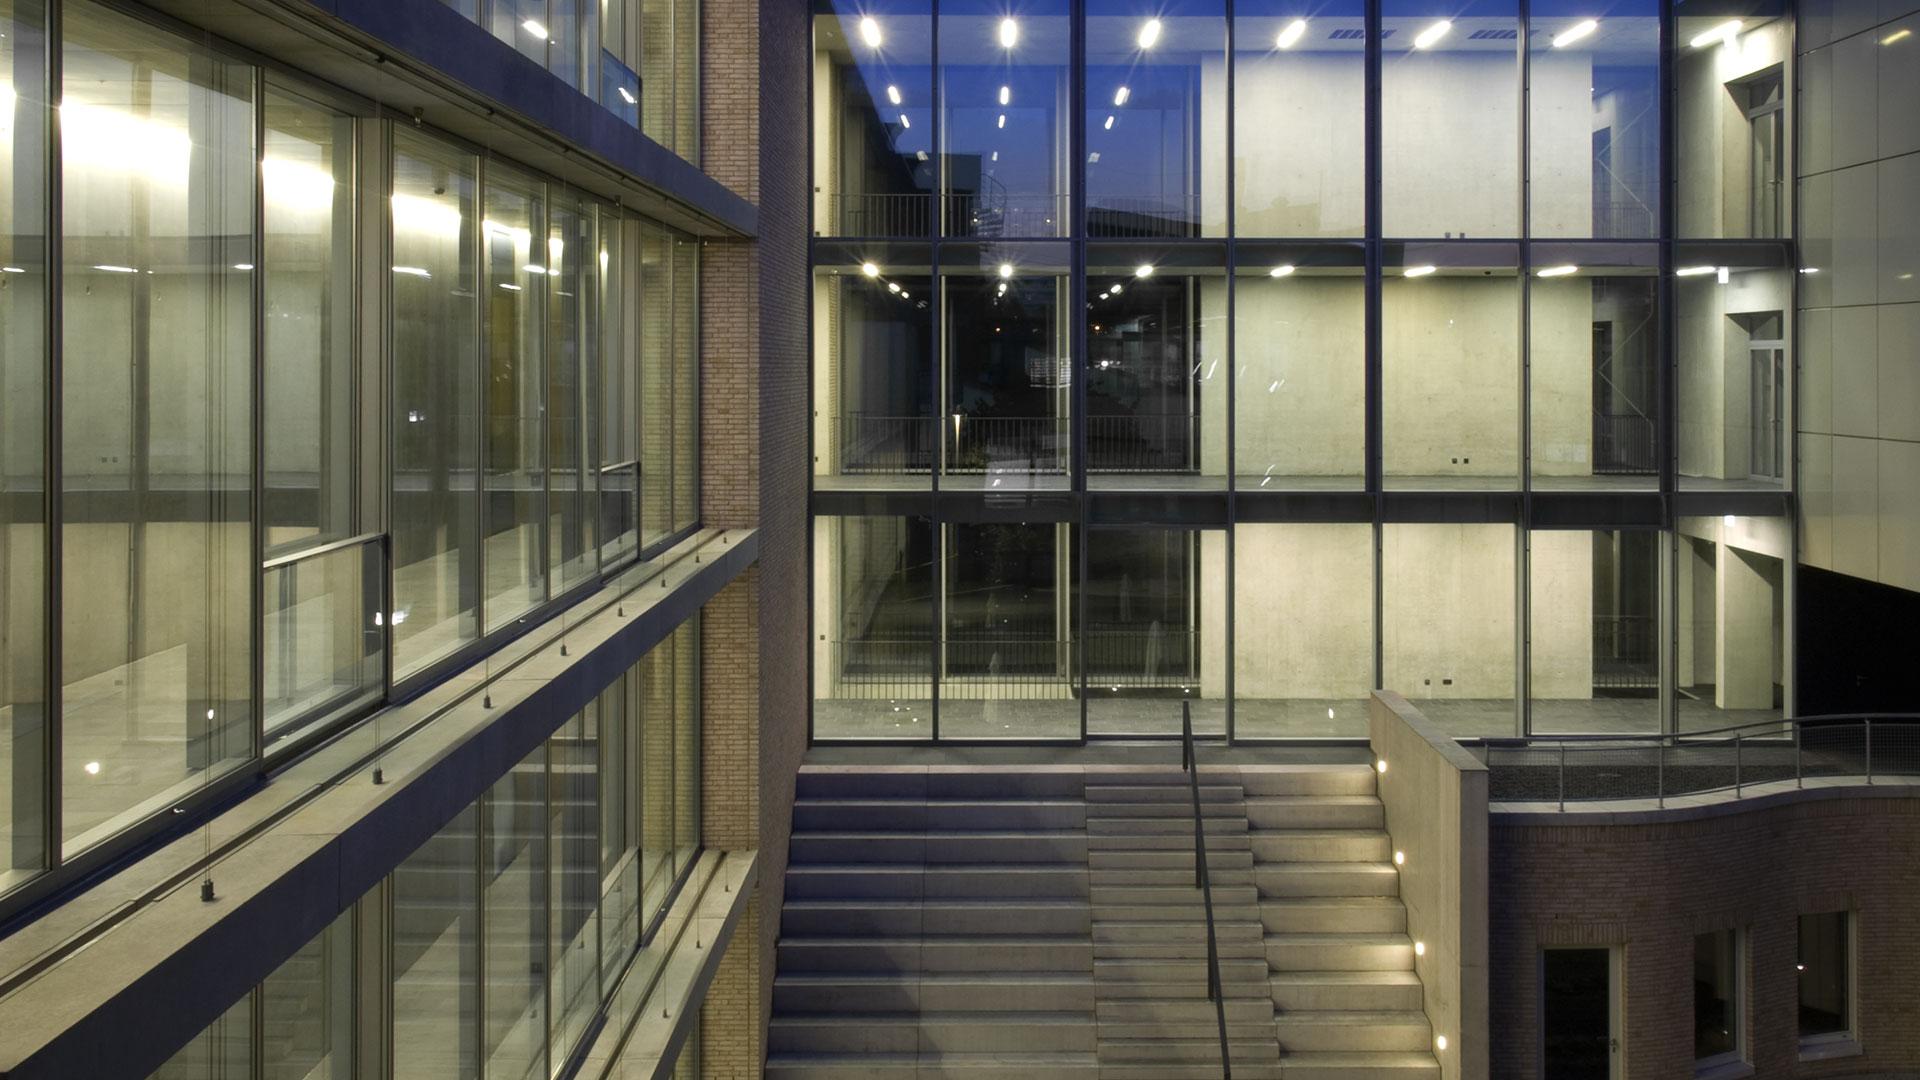 Max-Planck-Institut Freiburg 1 - ArGe Architekten